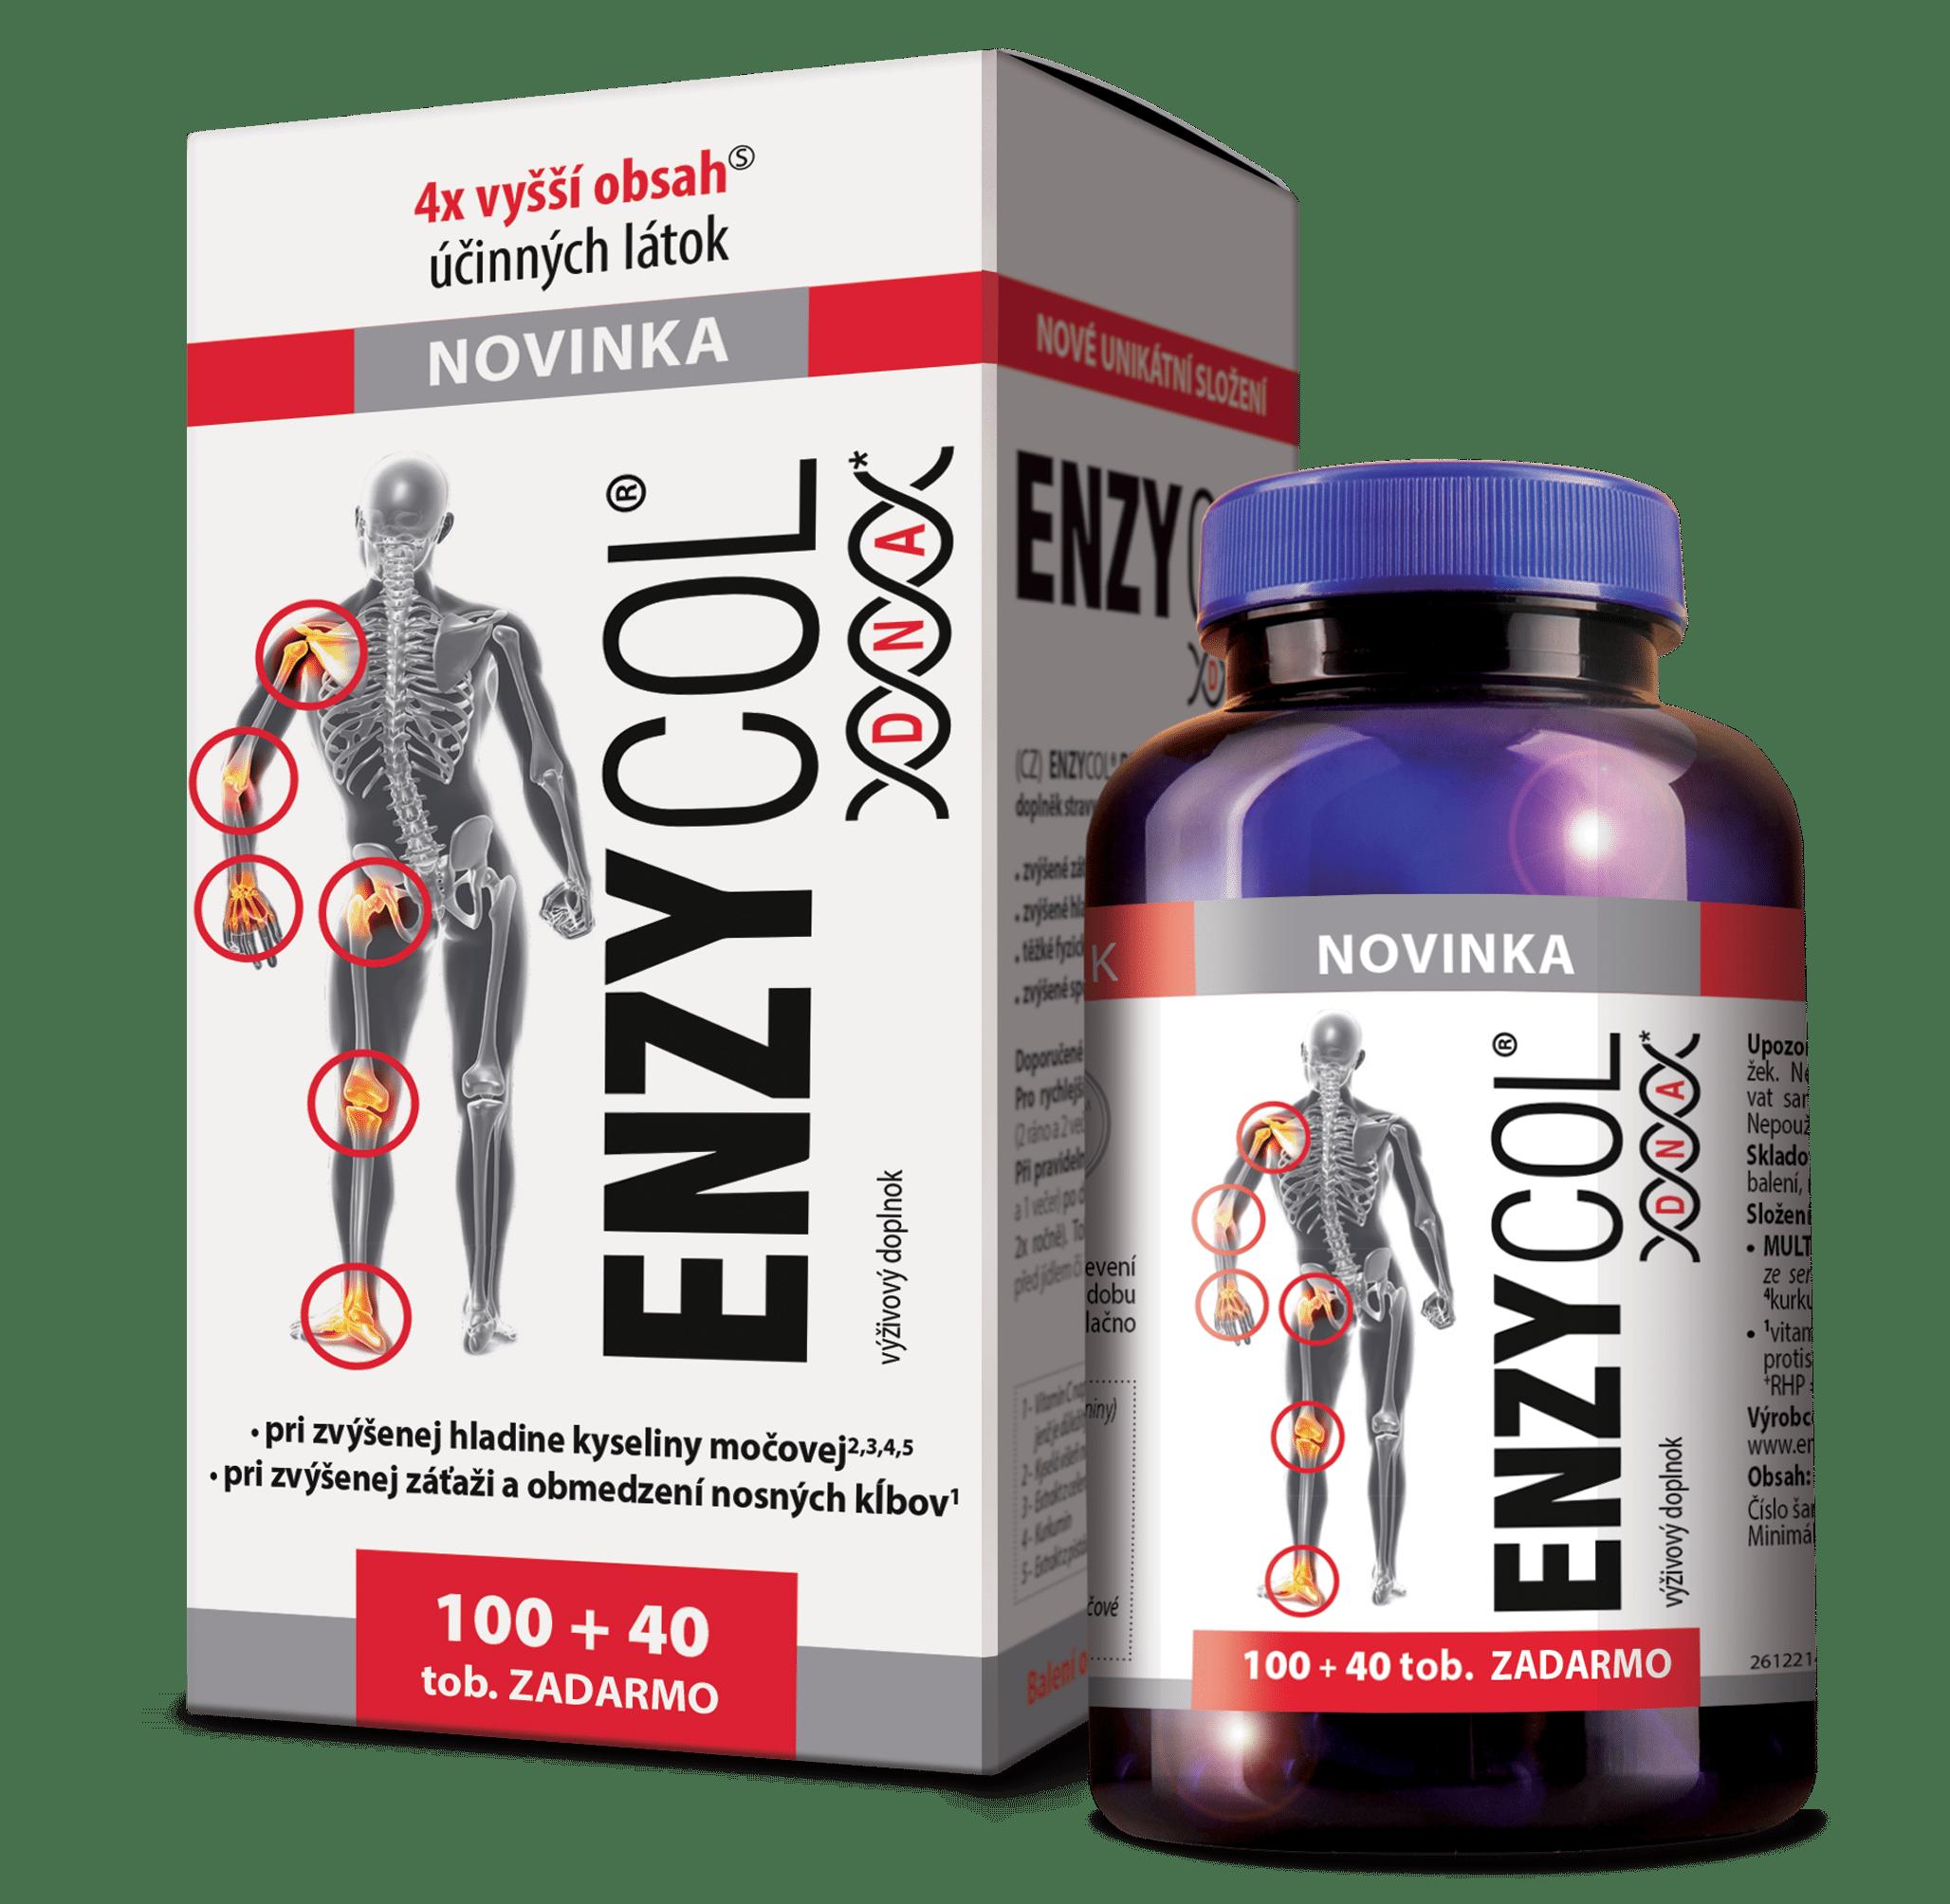 ENZYCOL DNA 100+40 tob. ZADARMO